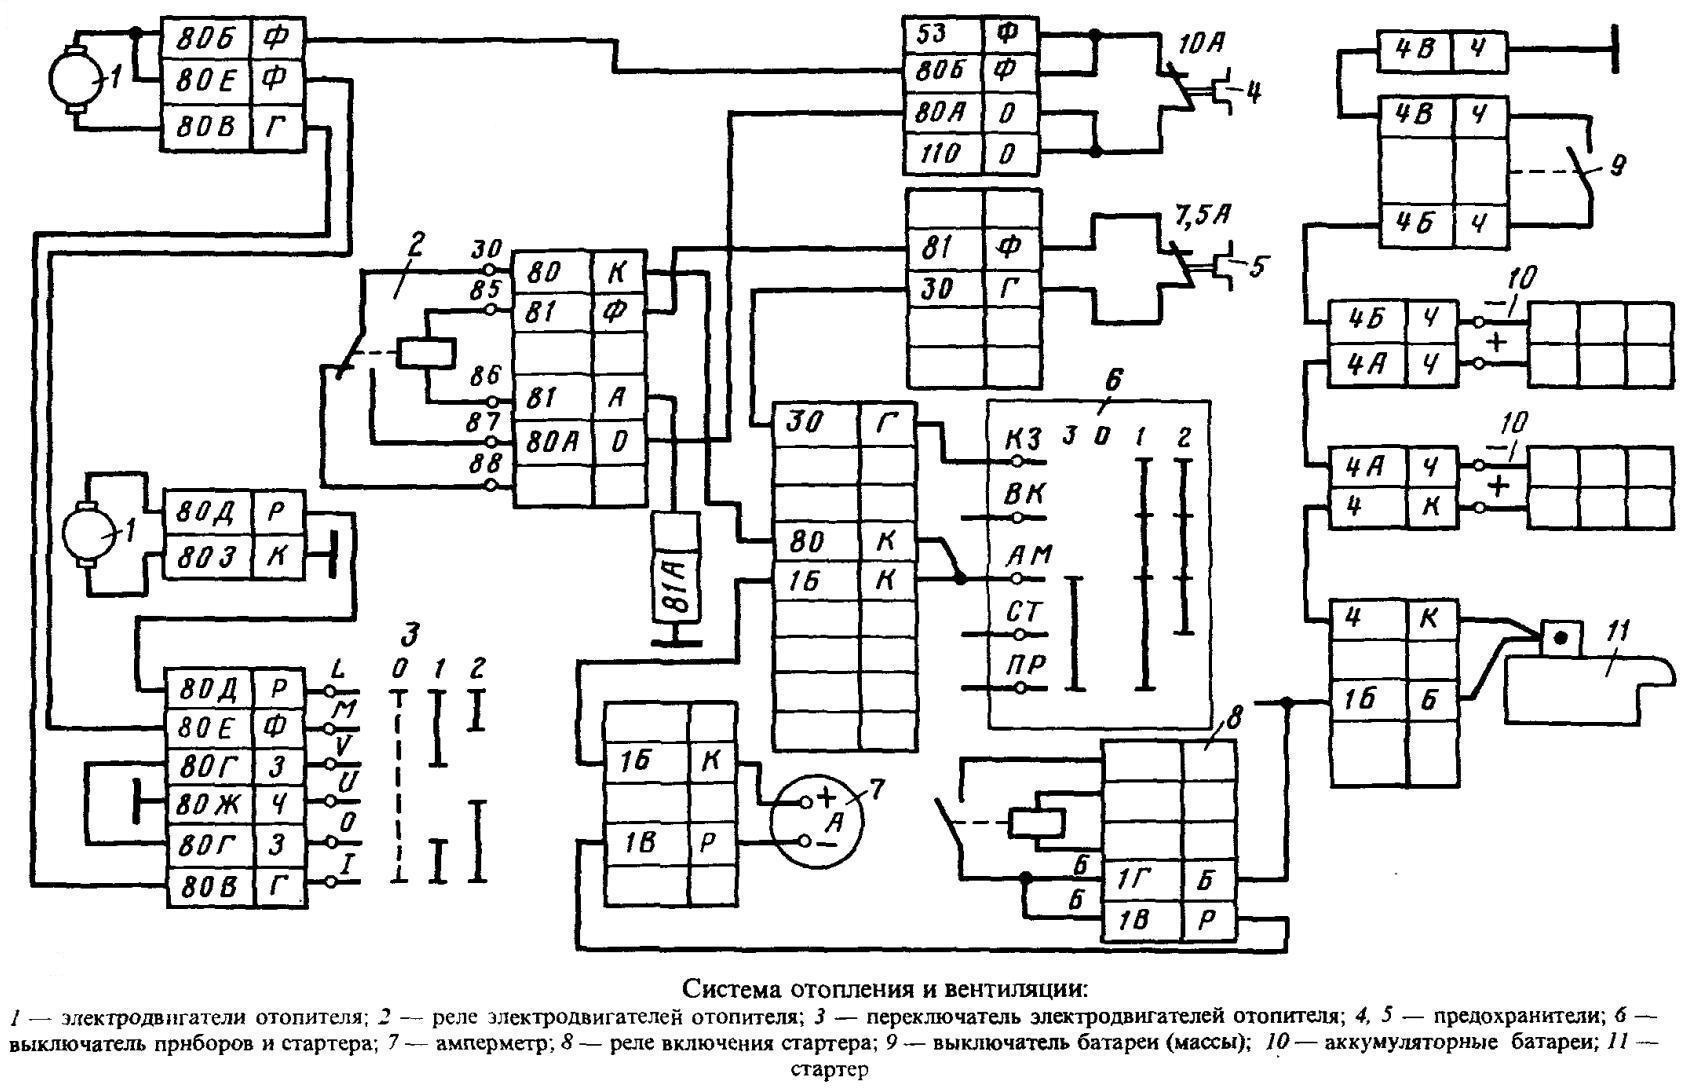 система отопления кабины схема